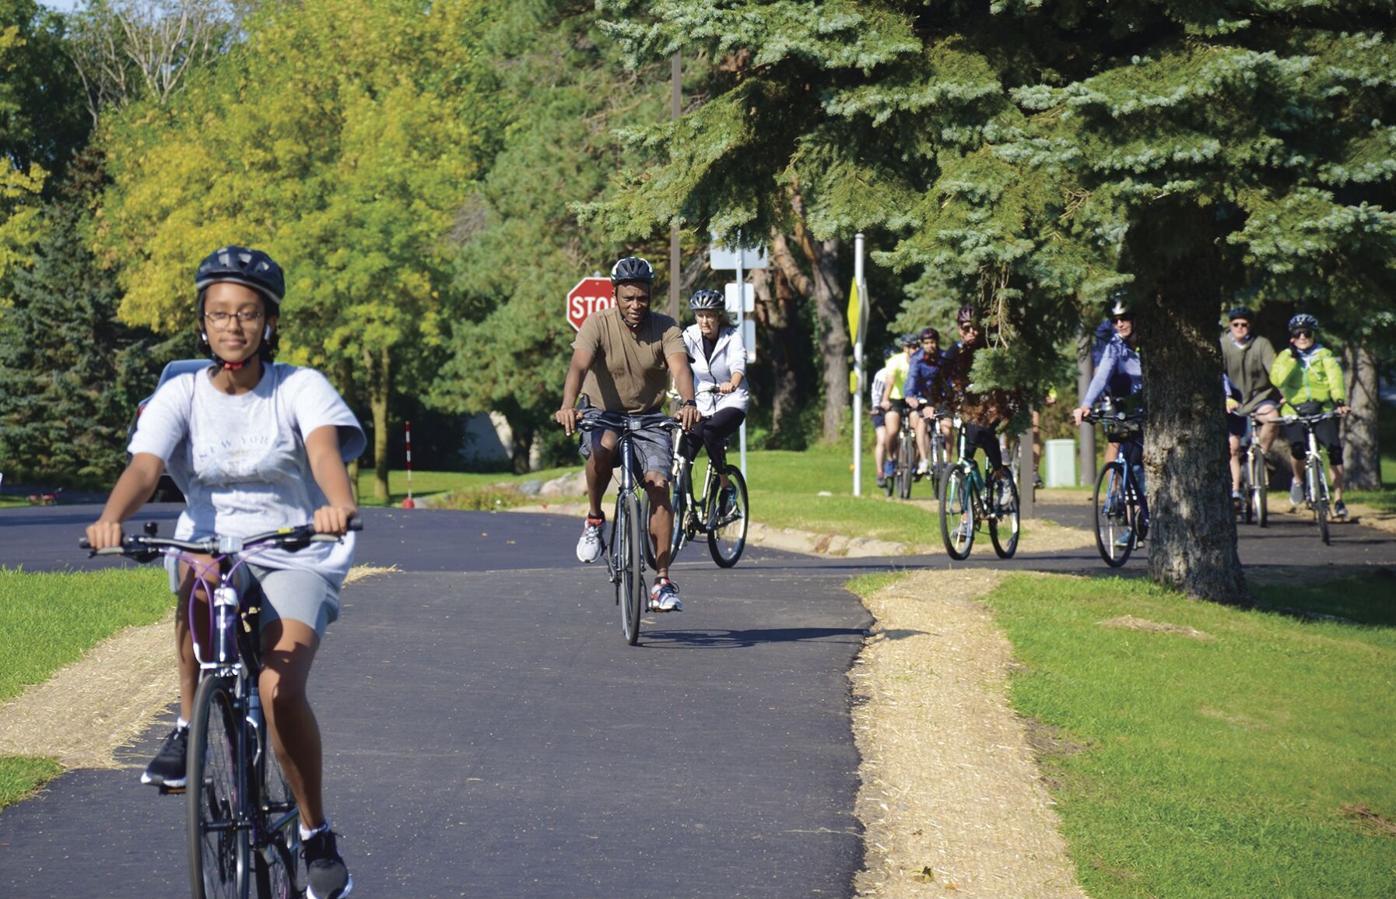 lv bike ride 4 c.jpg